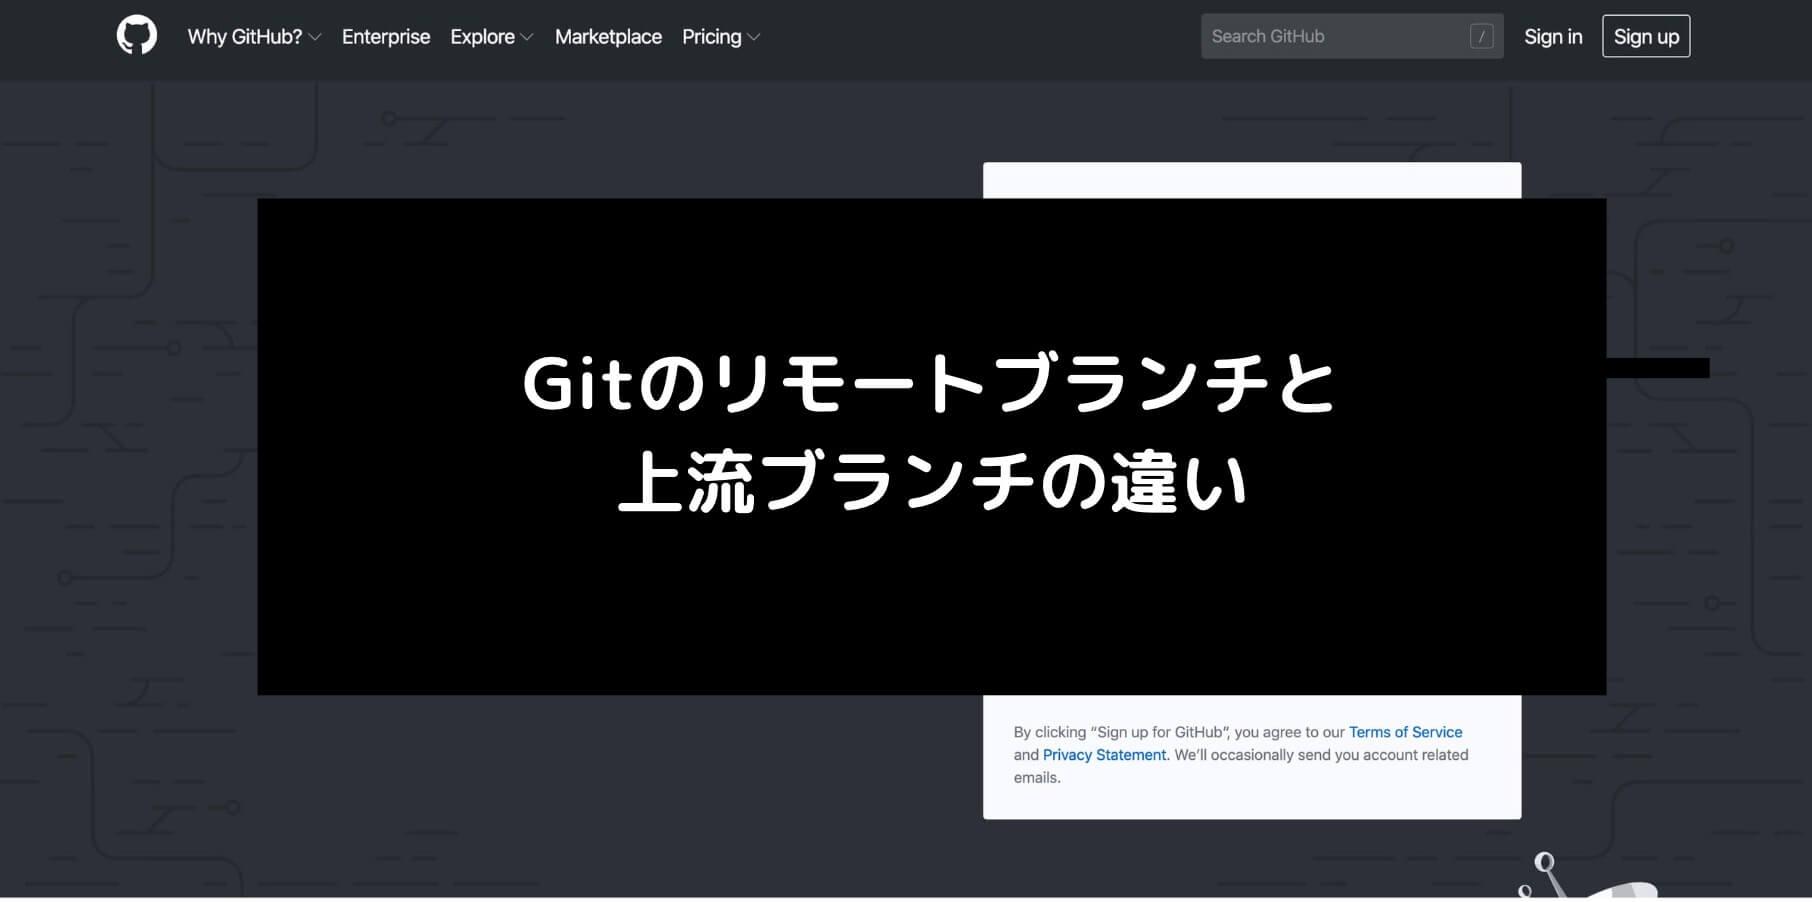 Gitのリモートブランチと上流ブランチの違いと書かれた画像